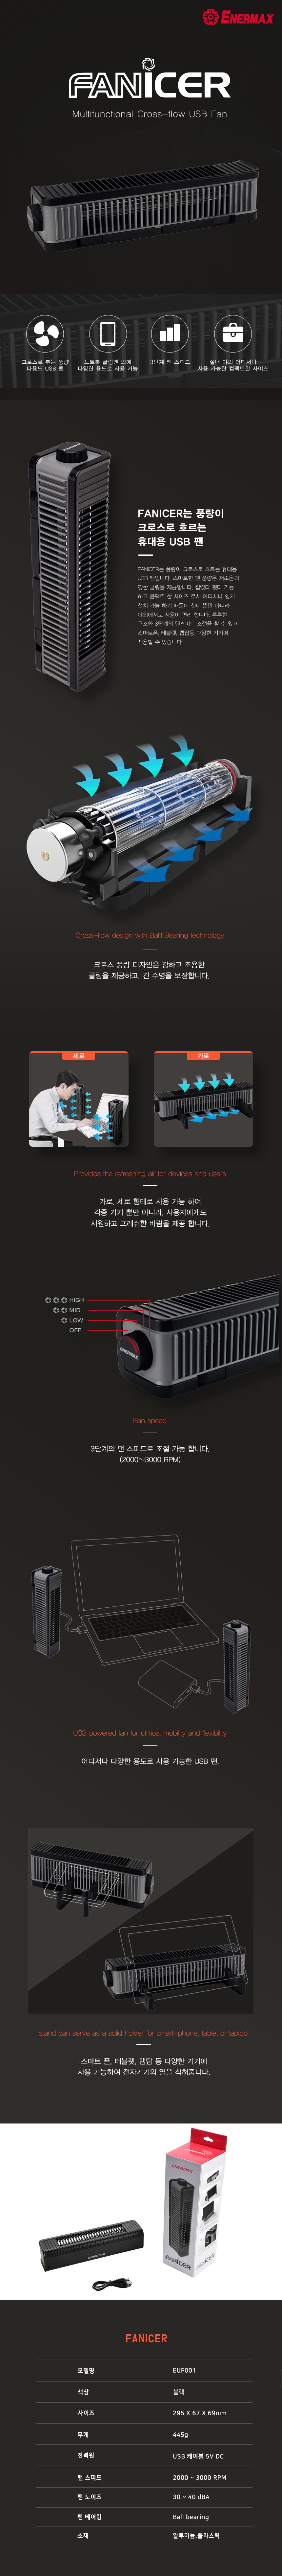 에너맥스 FANICER USB 멀티 쿨링팬 (블랙)